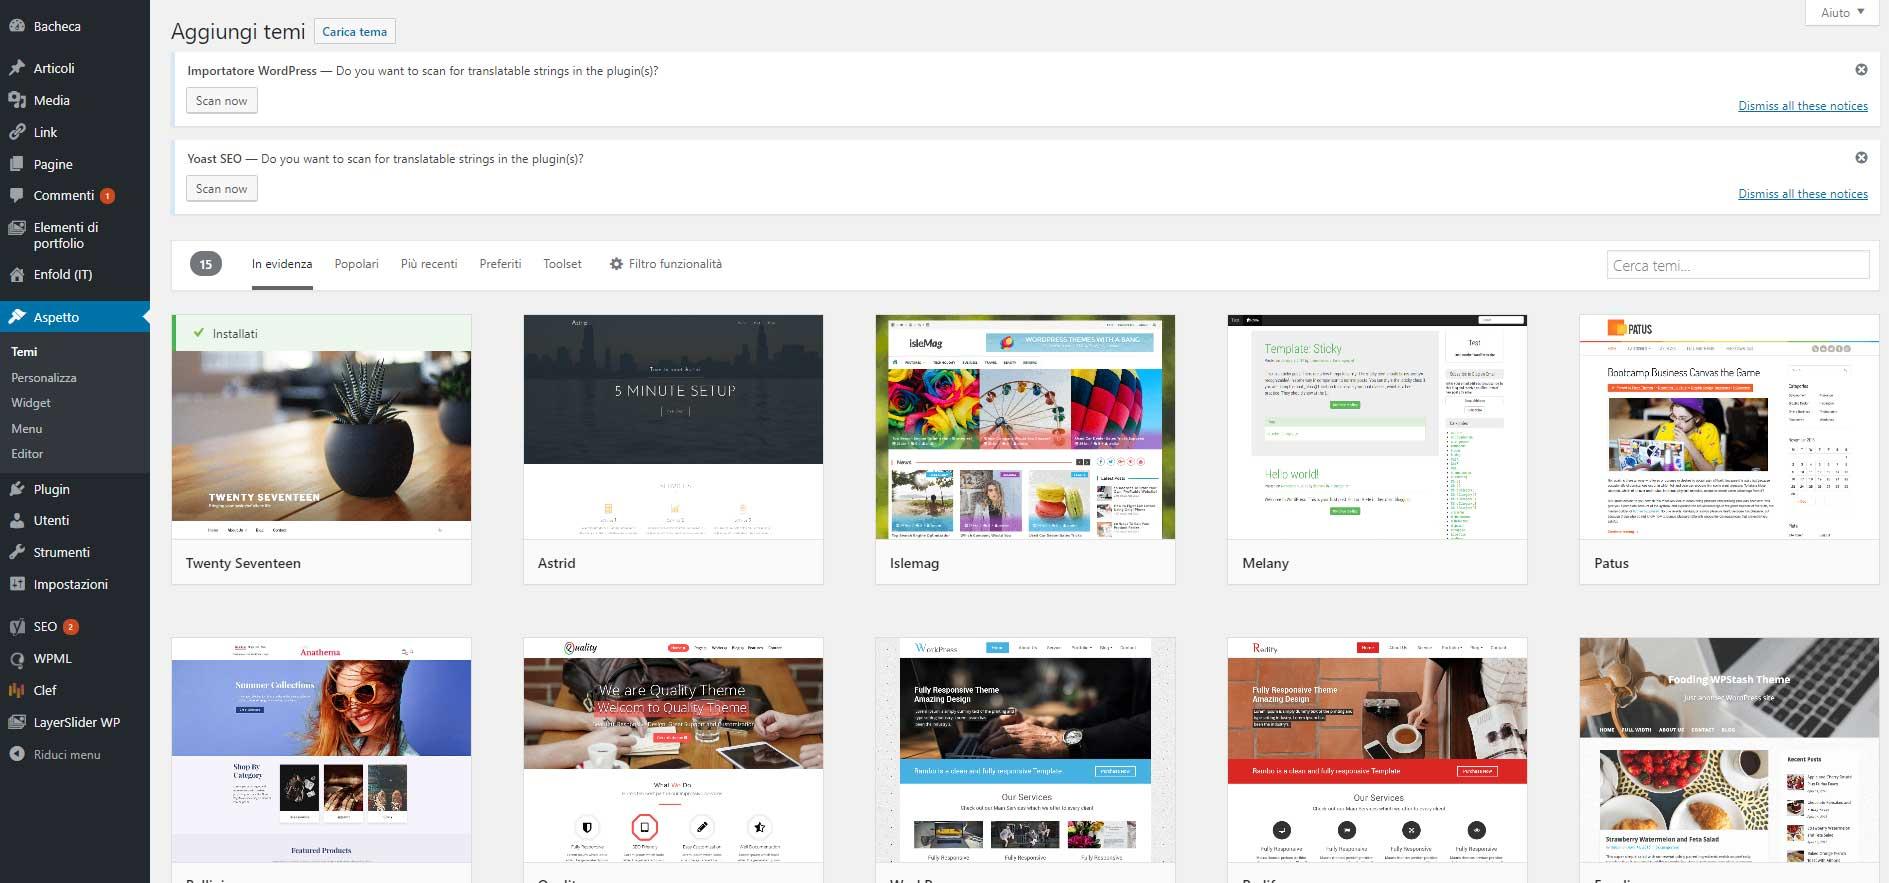 Aggiunta tema gratuito dalla directory di WordPress.